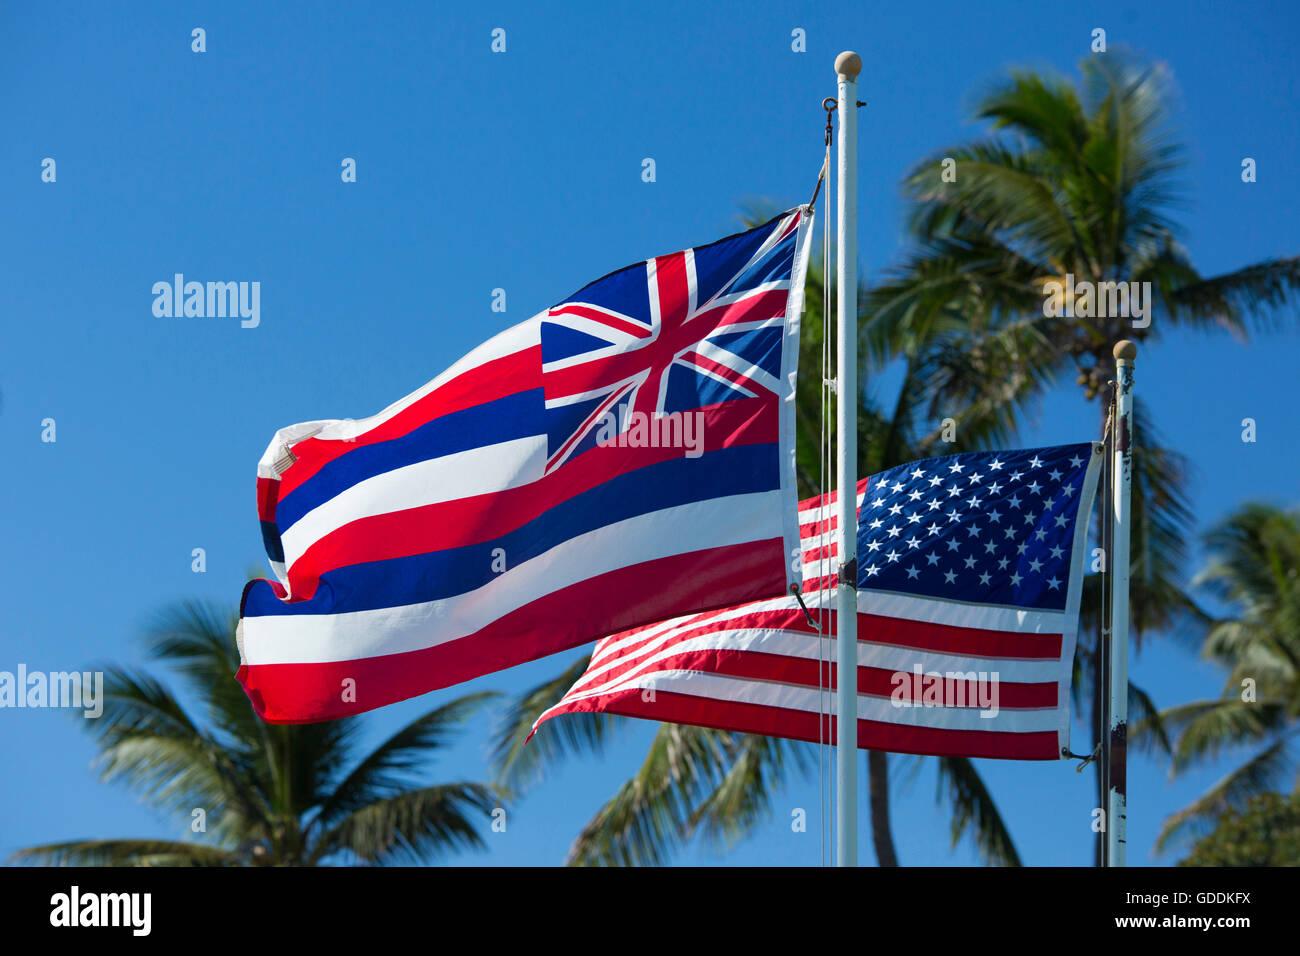 Maui,US Flag,banner,ESTADOS UNIDOS,Hawaii,Latina,bandera,banderas,las palmas, Imagen De Stock